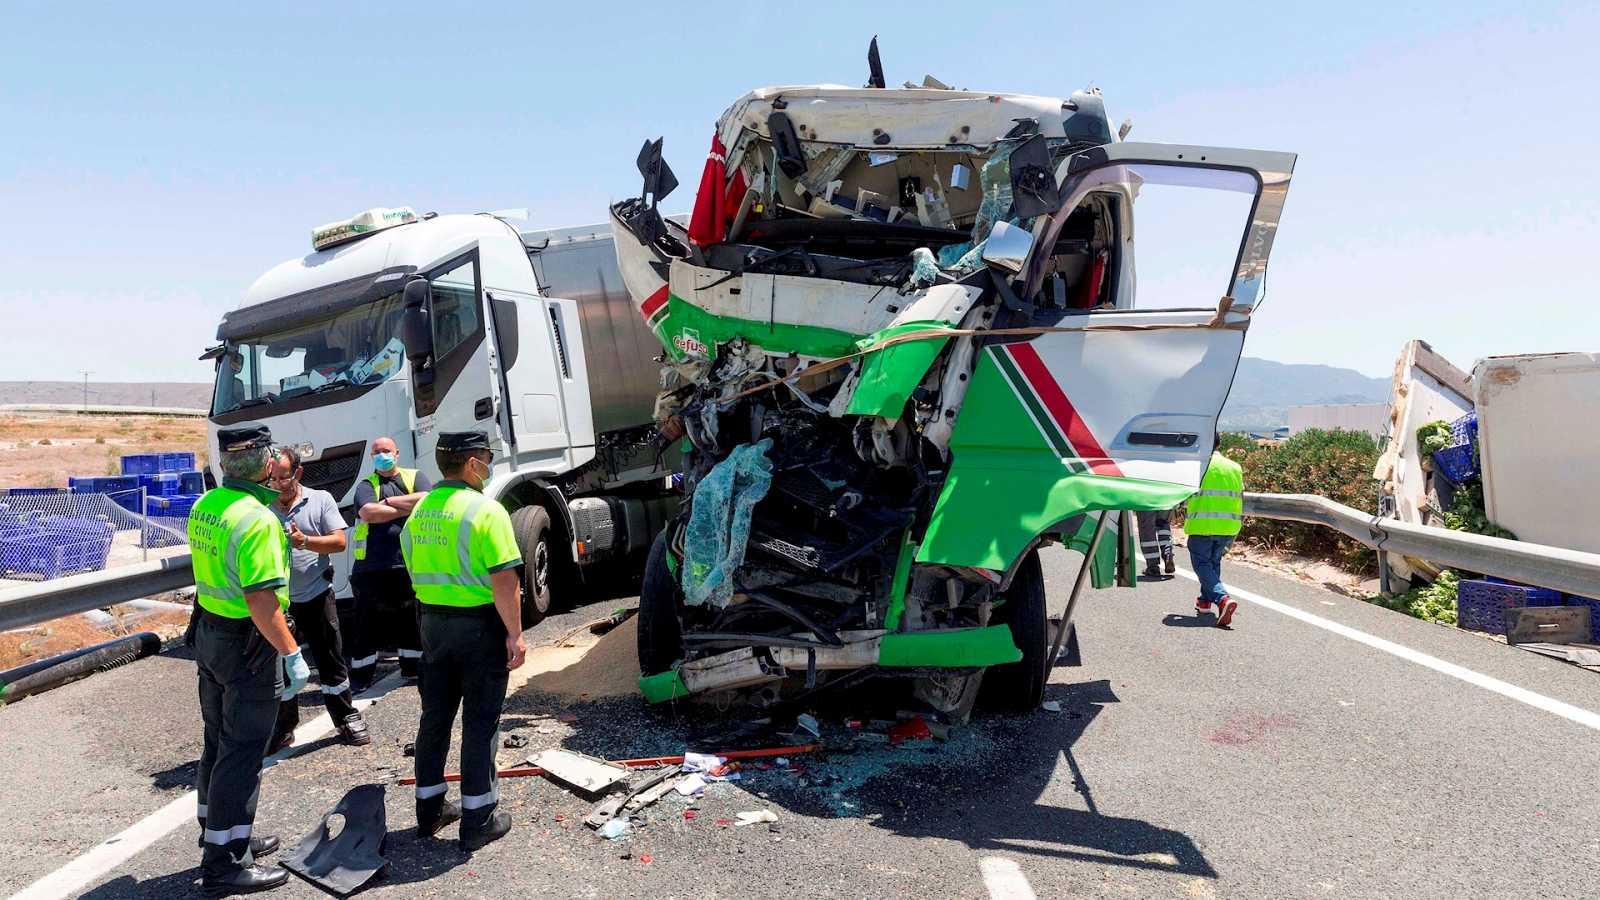 14 horas - Los accidentes y fallecidos en carretera han aumentado más de un 20% desde el fin del estado de alarma - Escuchar ahora